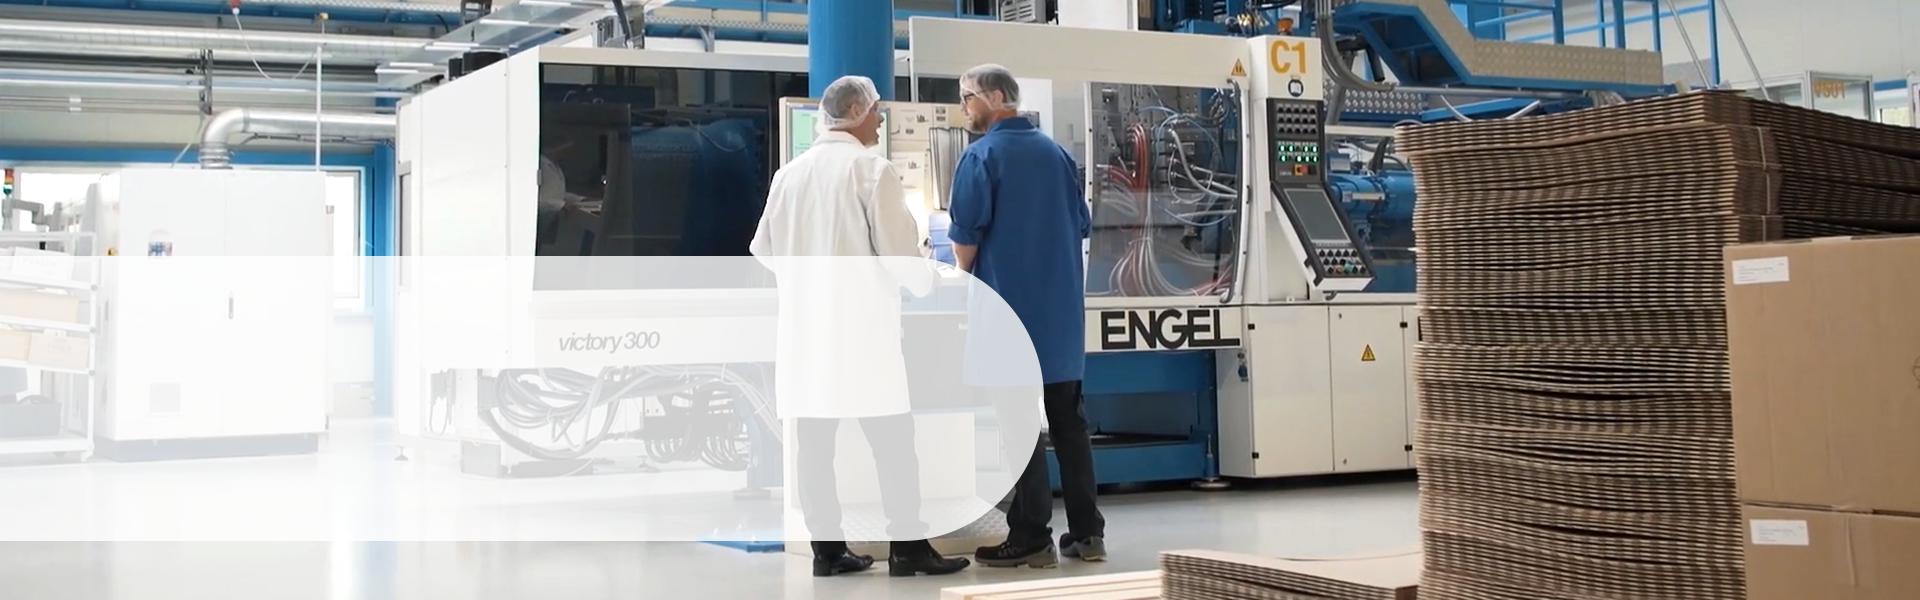 Bürstenmann GmbH: Der neue Bürstenmann Image-Film